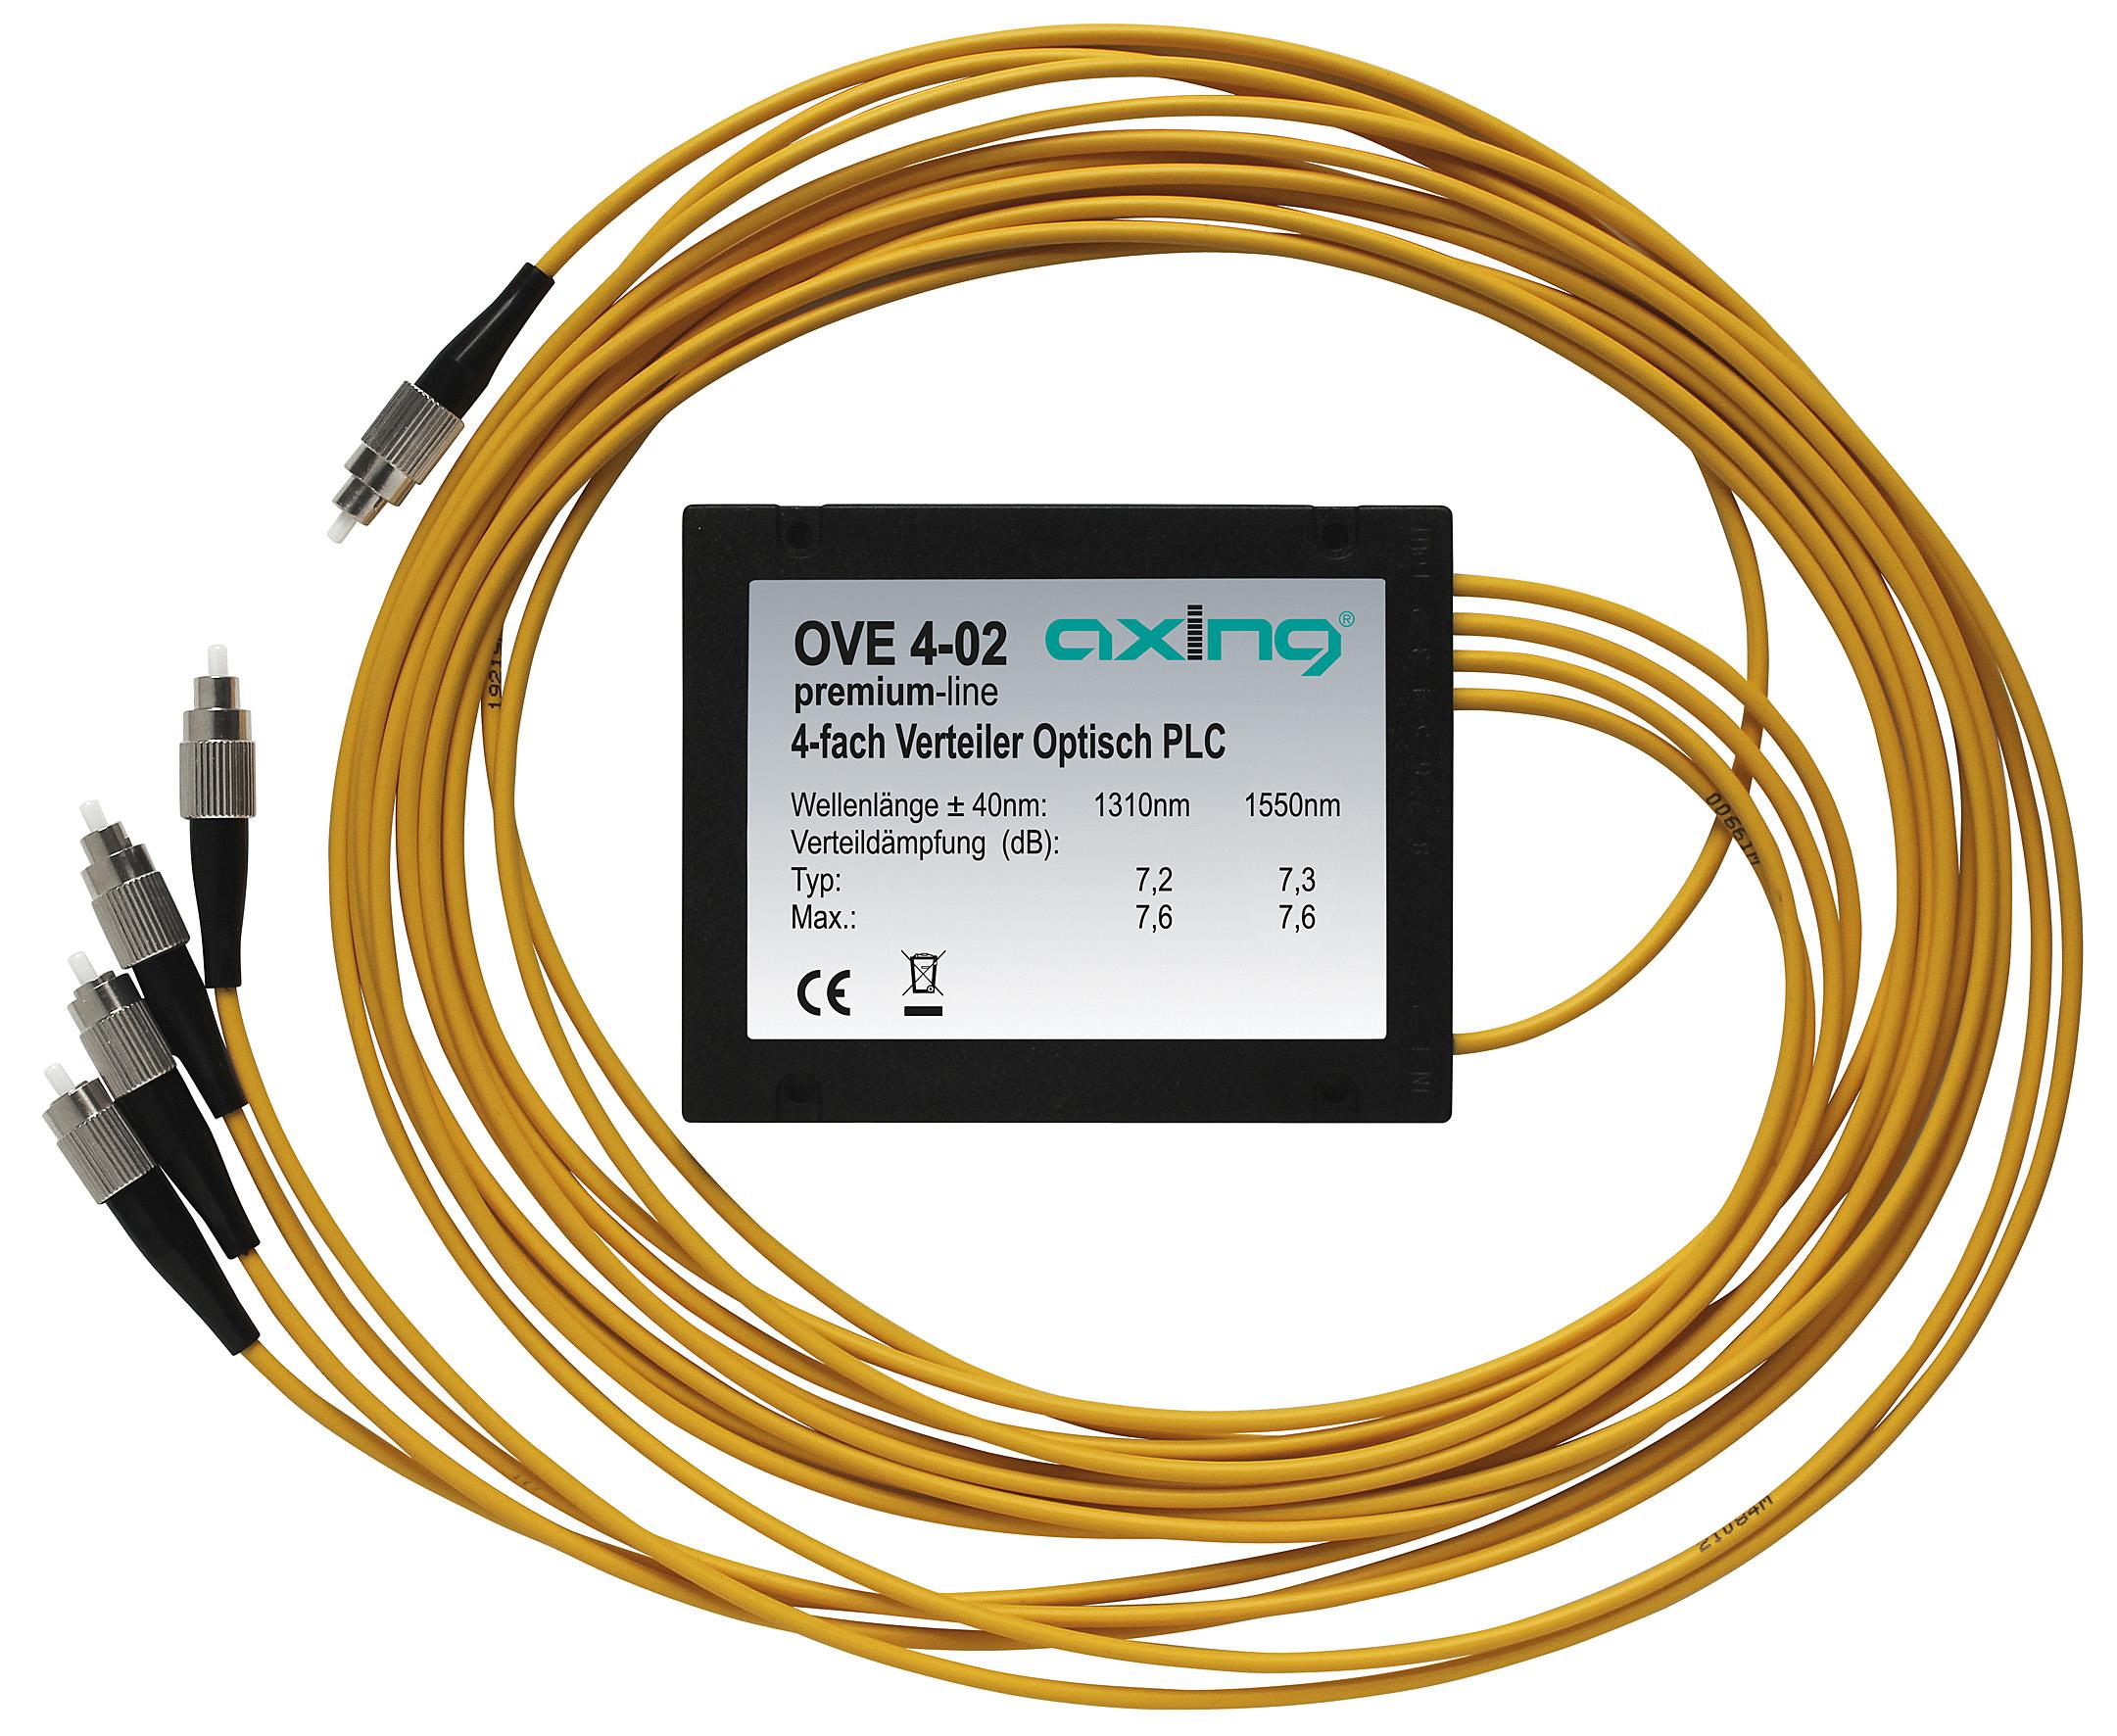 1 Stk SAT LWL 4-fach Verteiler, 1m Kabeln FC/PC-Stecker, OVE 4-02 HSATFV4K01